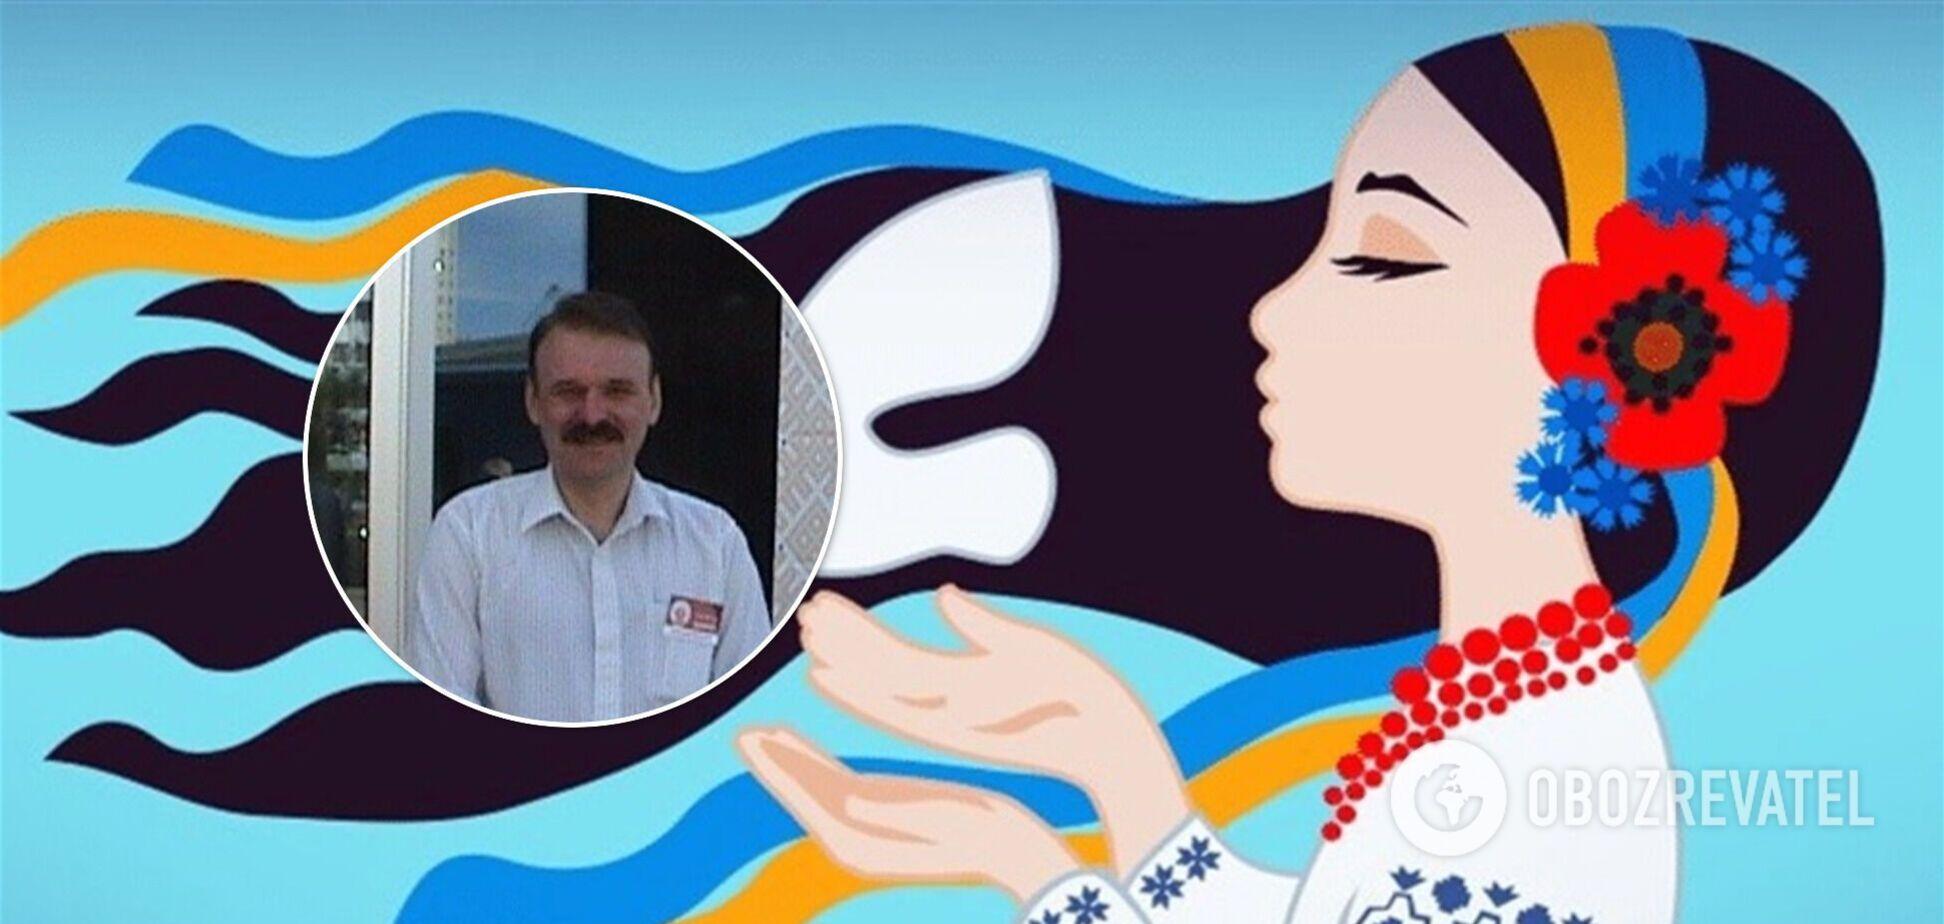 На Одещині викладач обізвав українську мову 'псячою': деталі скандалу